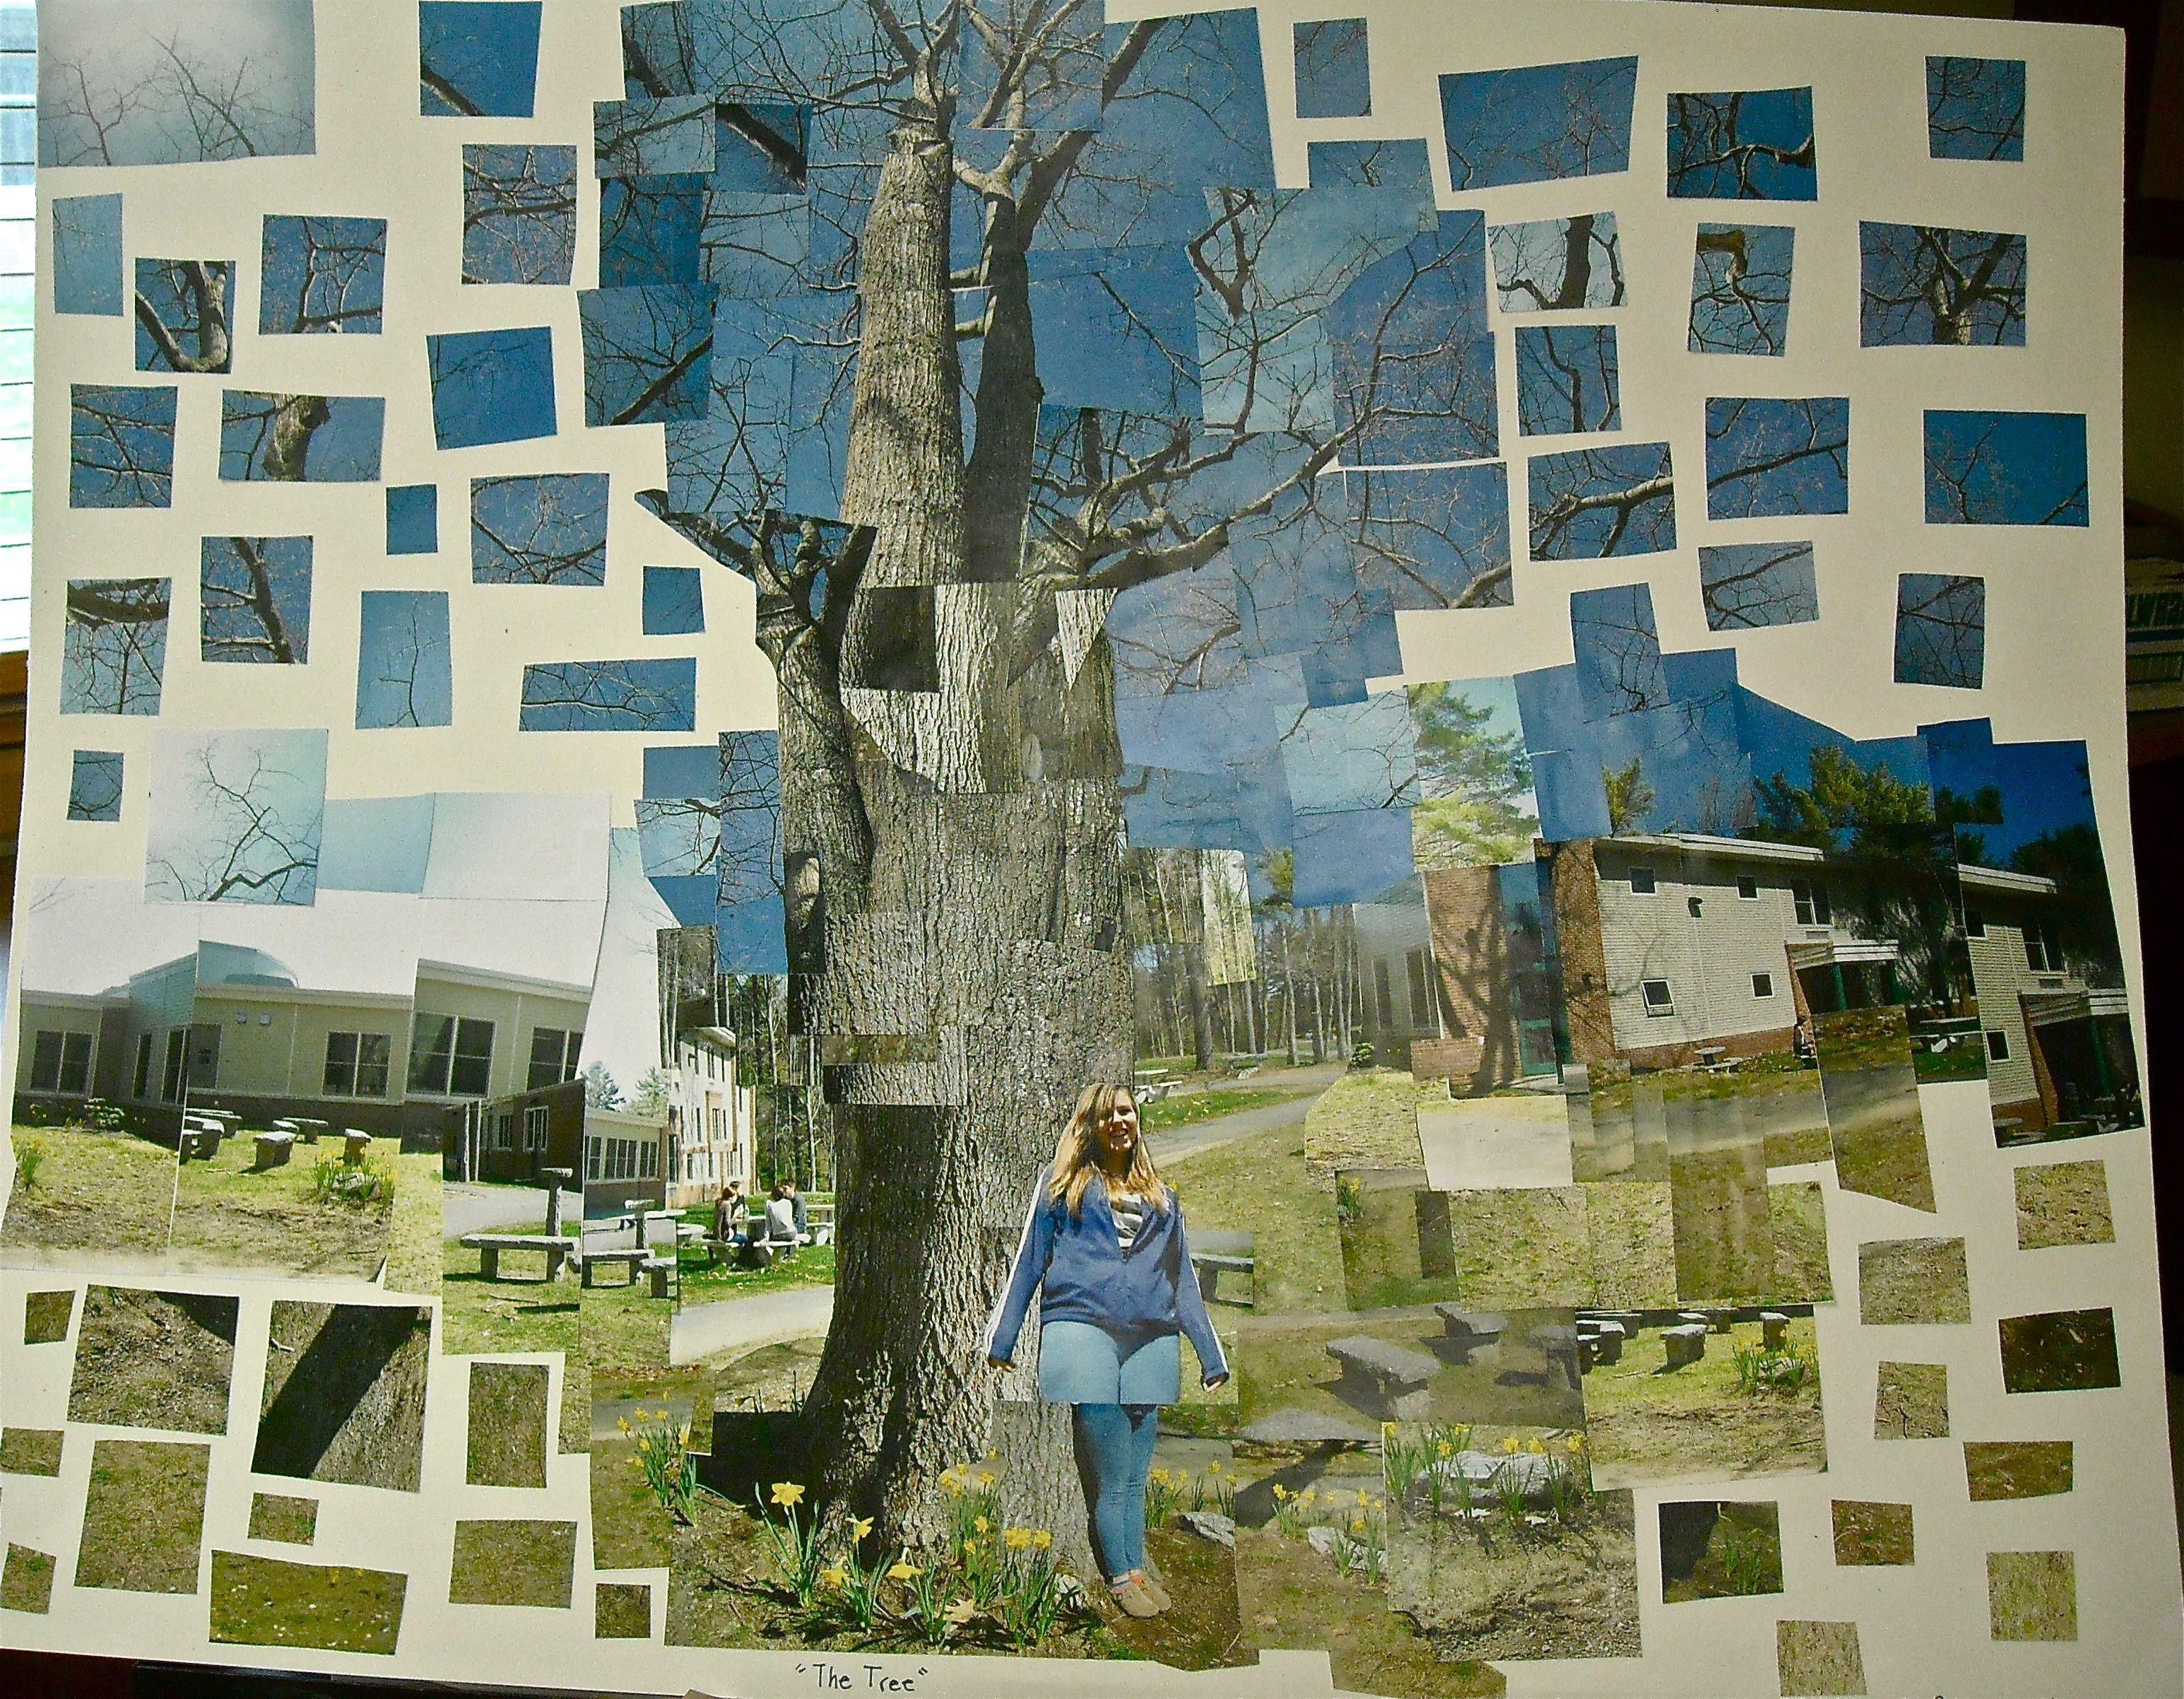 50+ Liberal arts college in boston crossword puzzle ideas